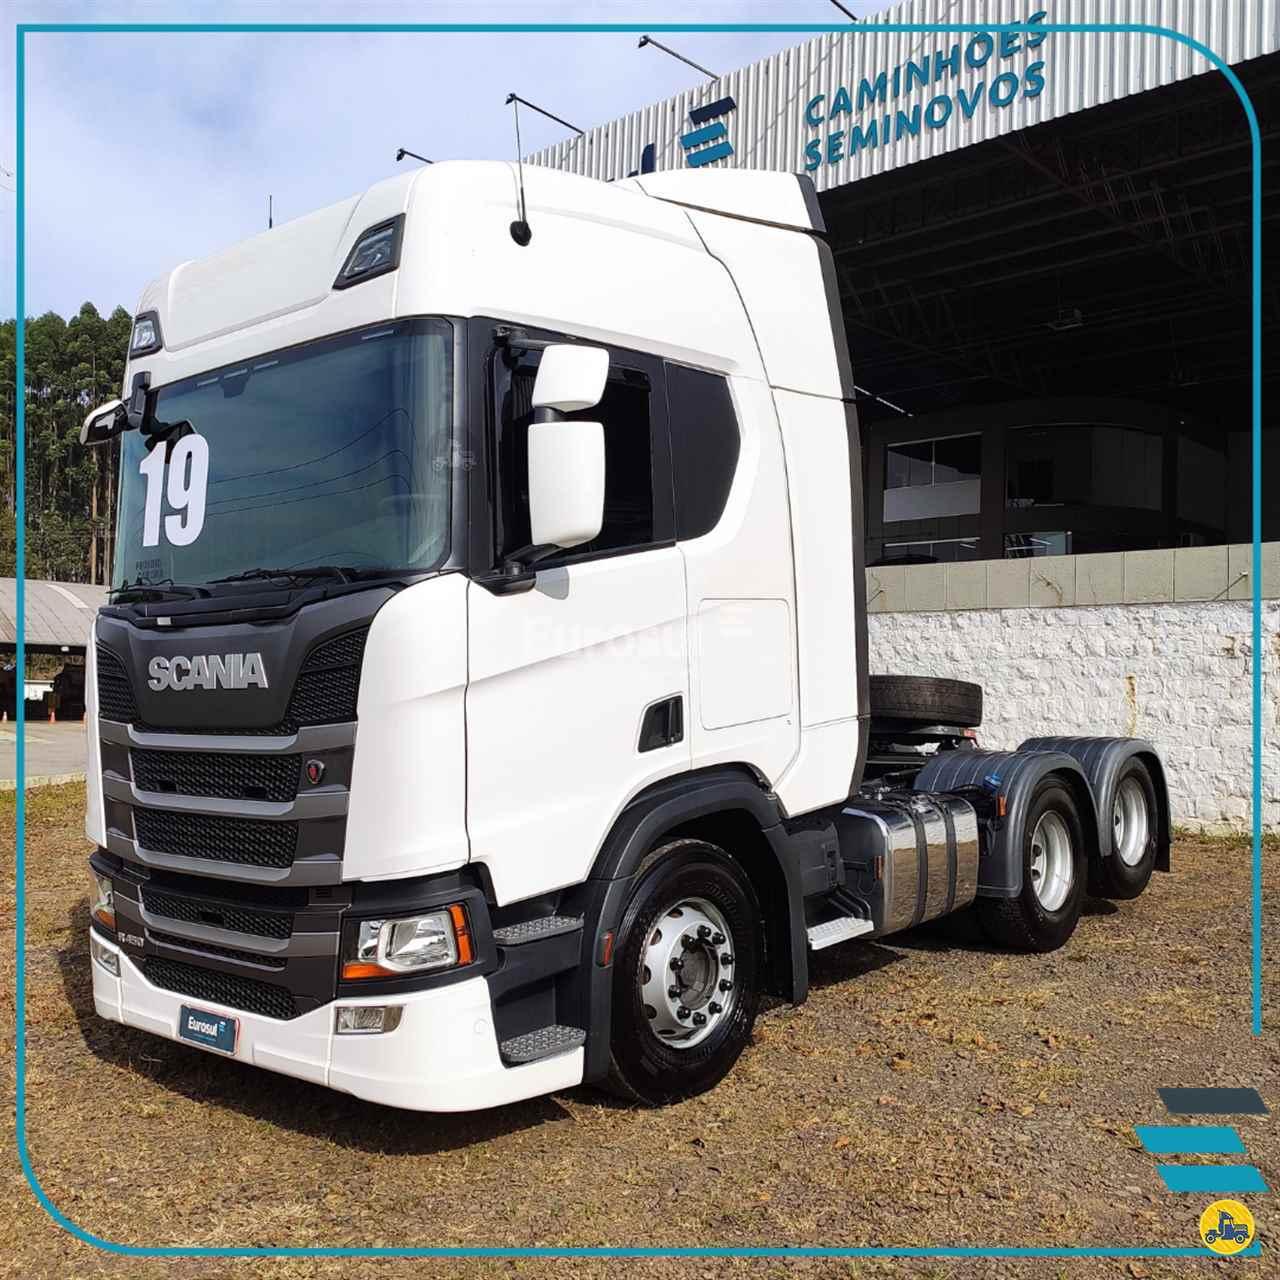 CAMINHAO SCANIA SCANIA 450 Cavalo Mecânico Truck 6x2 Eurosul Caminhões Seminovos CONCORDIA SANTA CATARINA SC